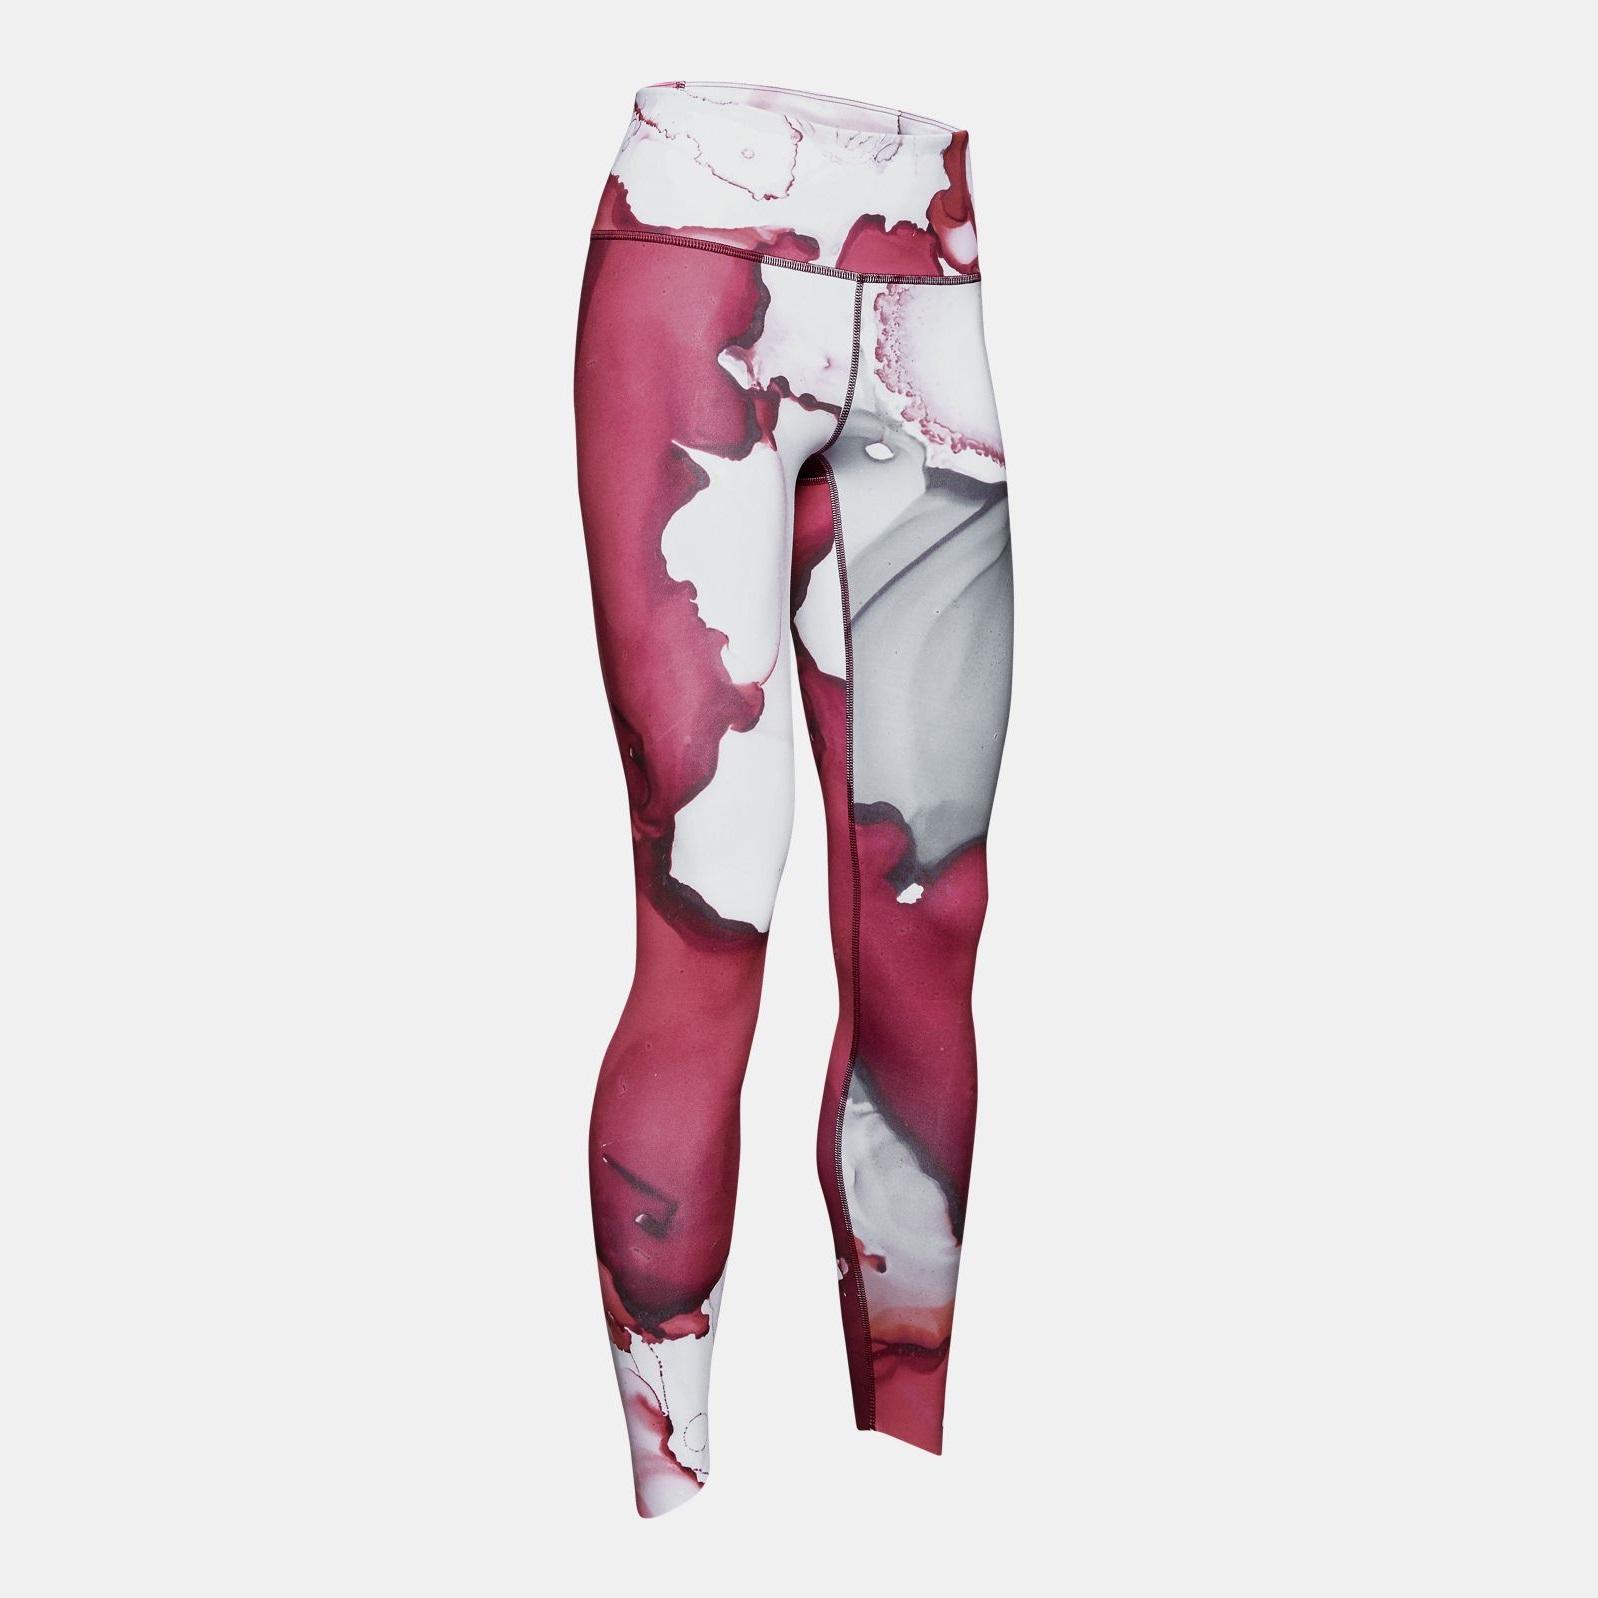 Îmbrăcăminte -  under armour UA Breathelux Printed Ankle Crop Capris 8807